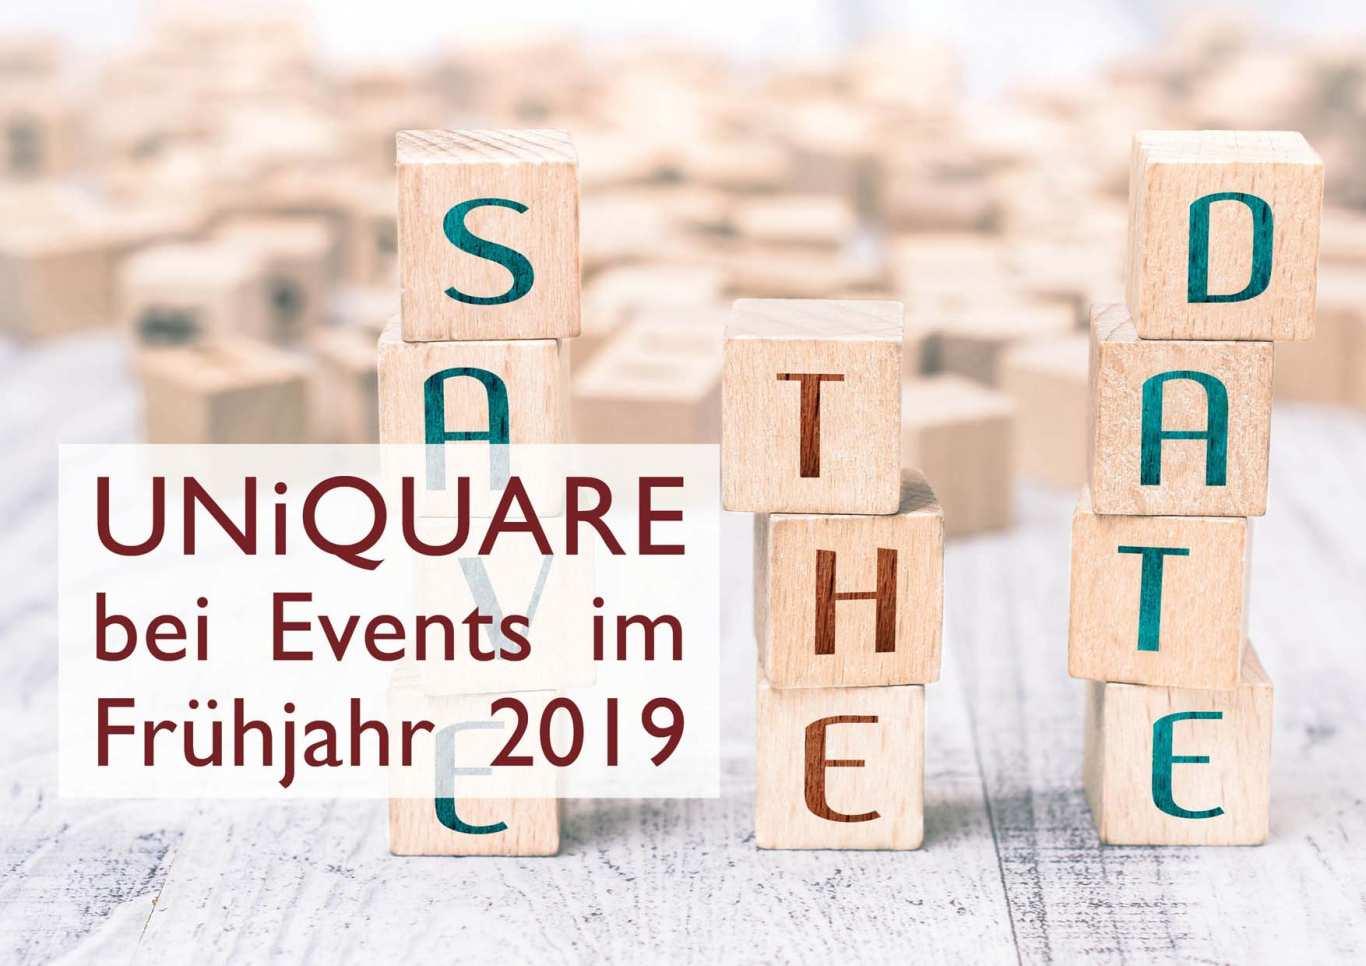 Treffen Sie Kollegen von UNiQUARE bei folgenden Veranstaltungen im Frühjahr 2019